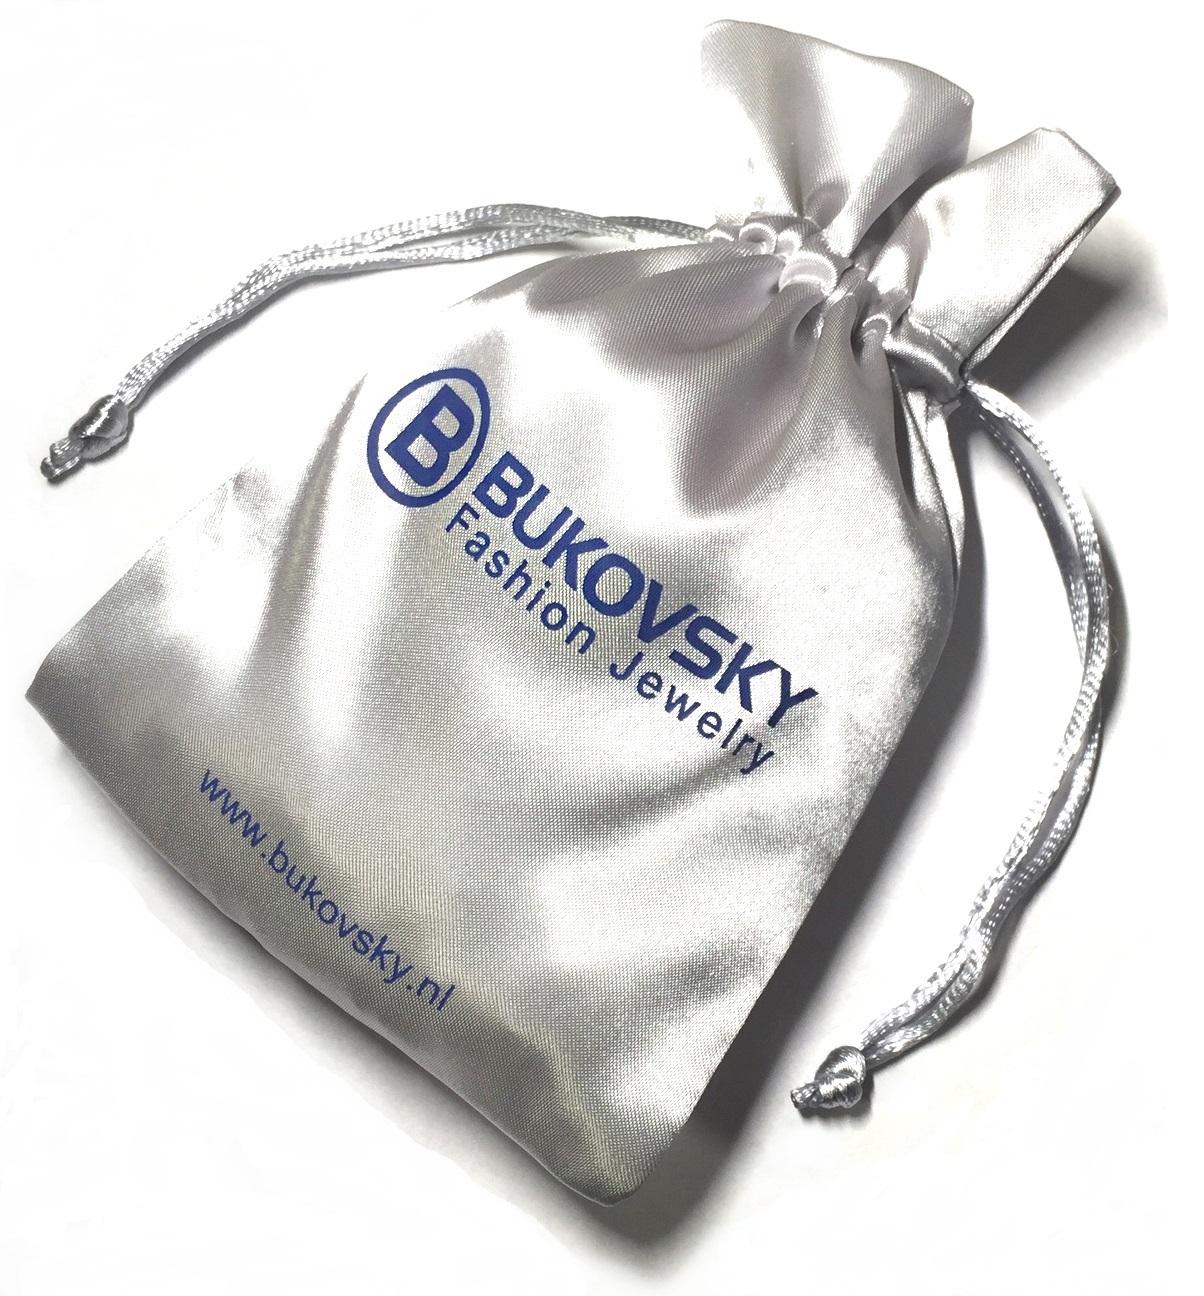 Wordt geleverd met een Gratis Bukovsky bewaar/geschenkzakje. Bukovsky Fashion Jewelry.